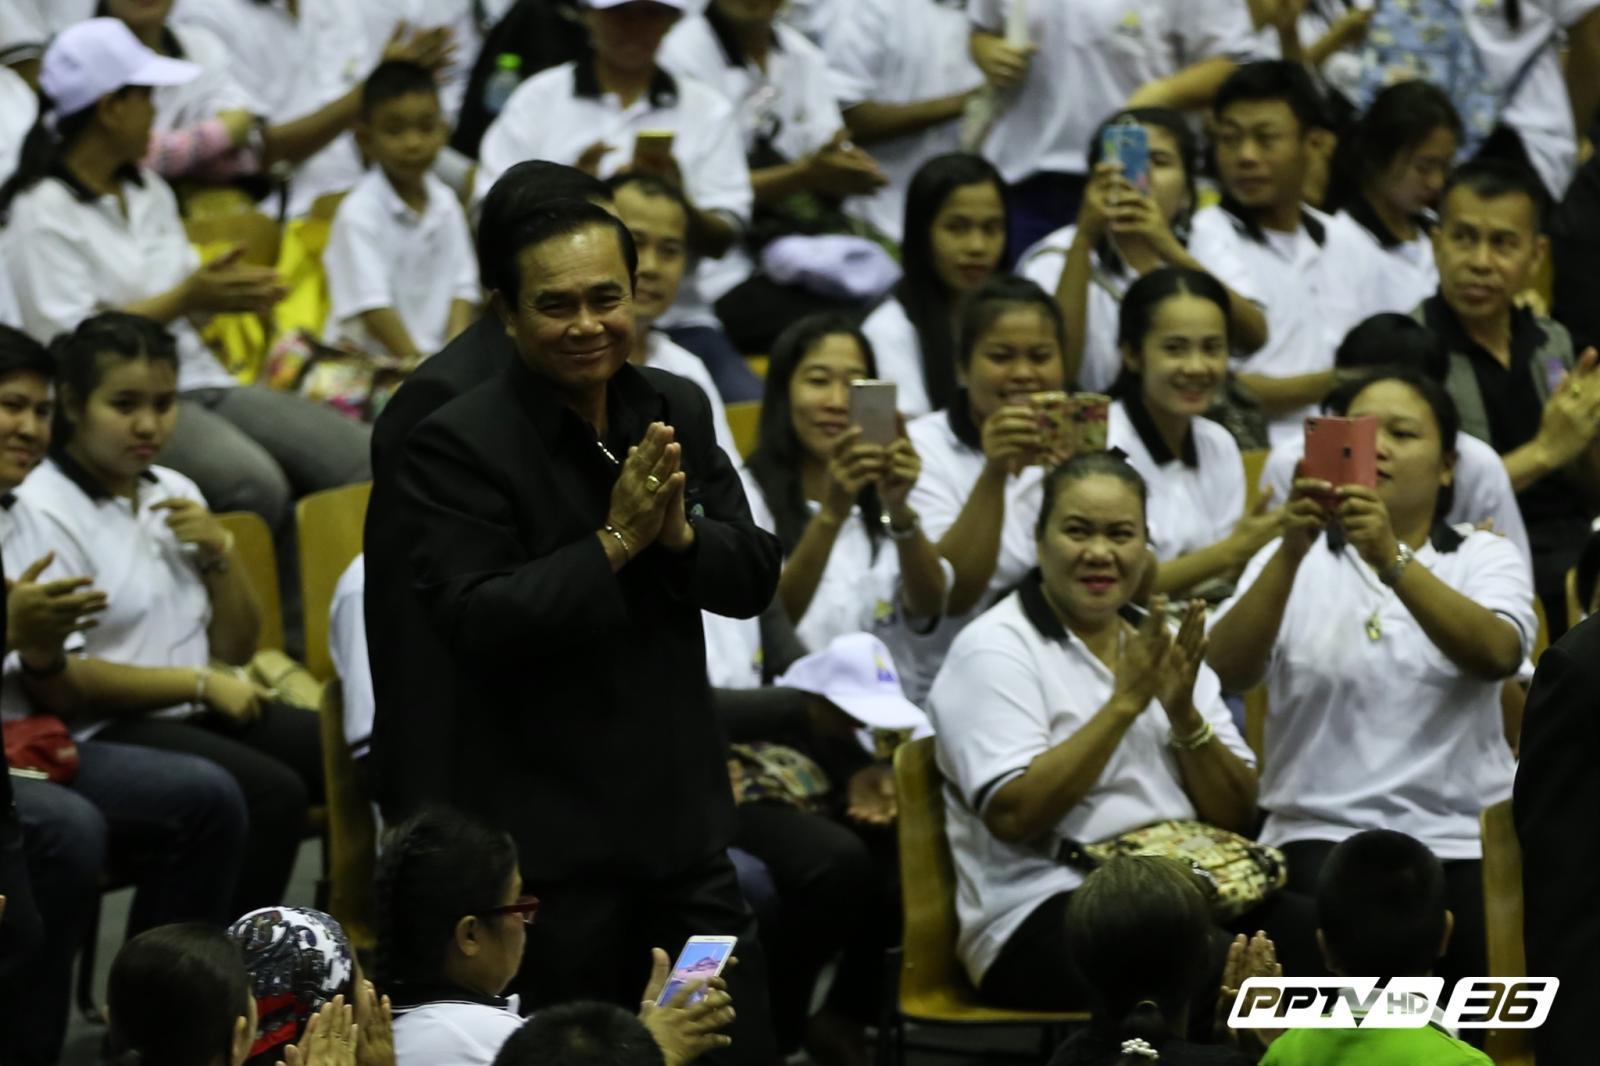 """""""บิ๊กตู่""""เผยรัฐบาลมุ่งมั่นดูแลแรงงานไทยทุกสาขาอาชีพ"""